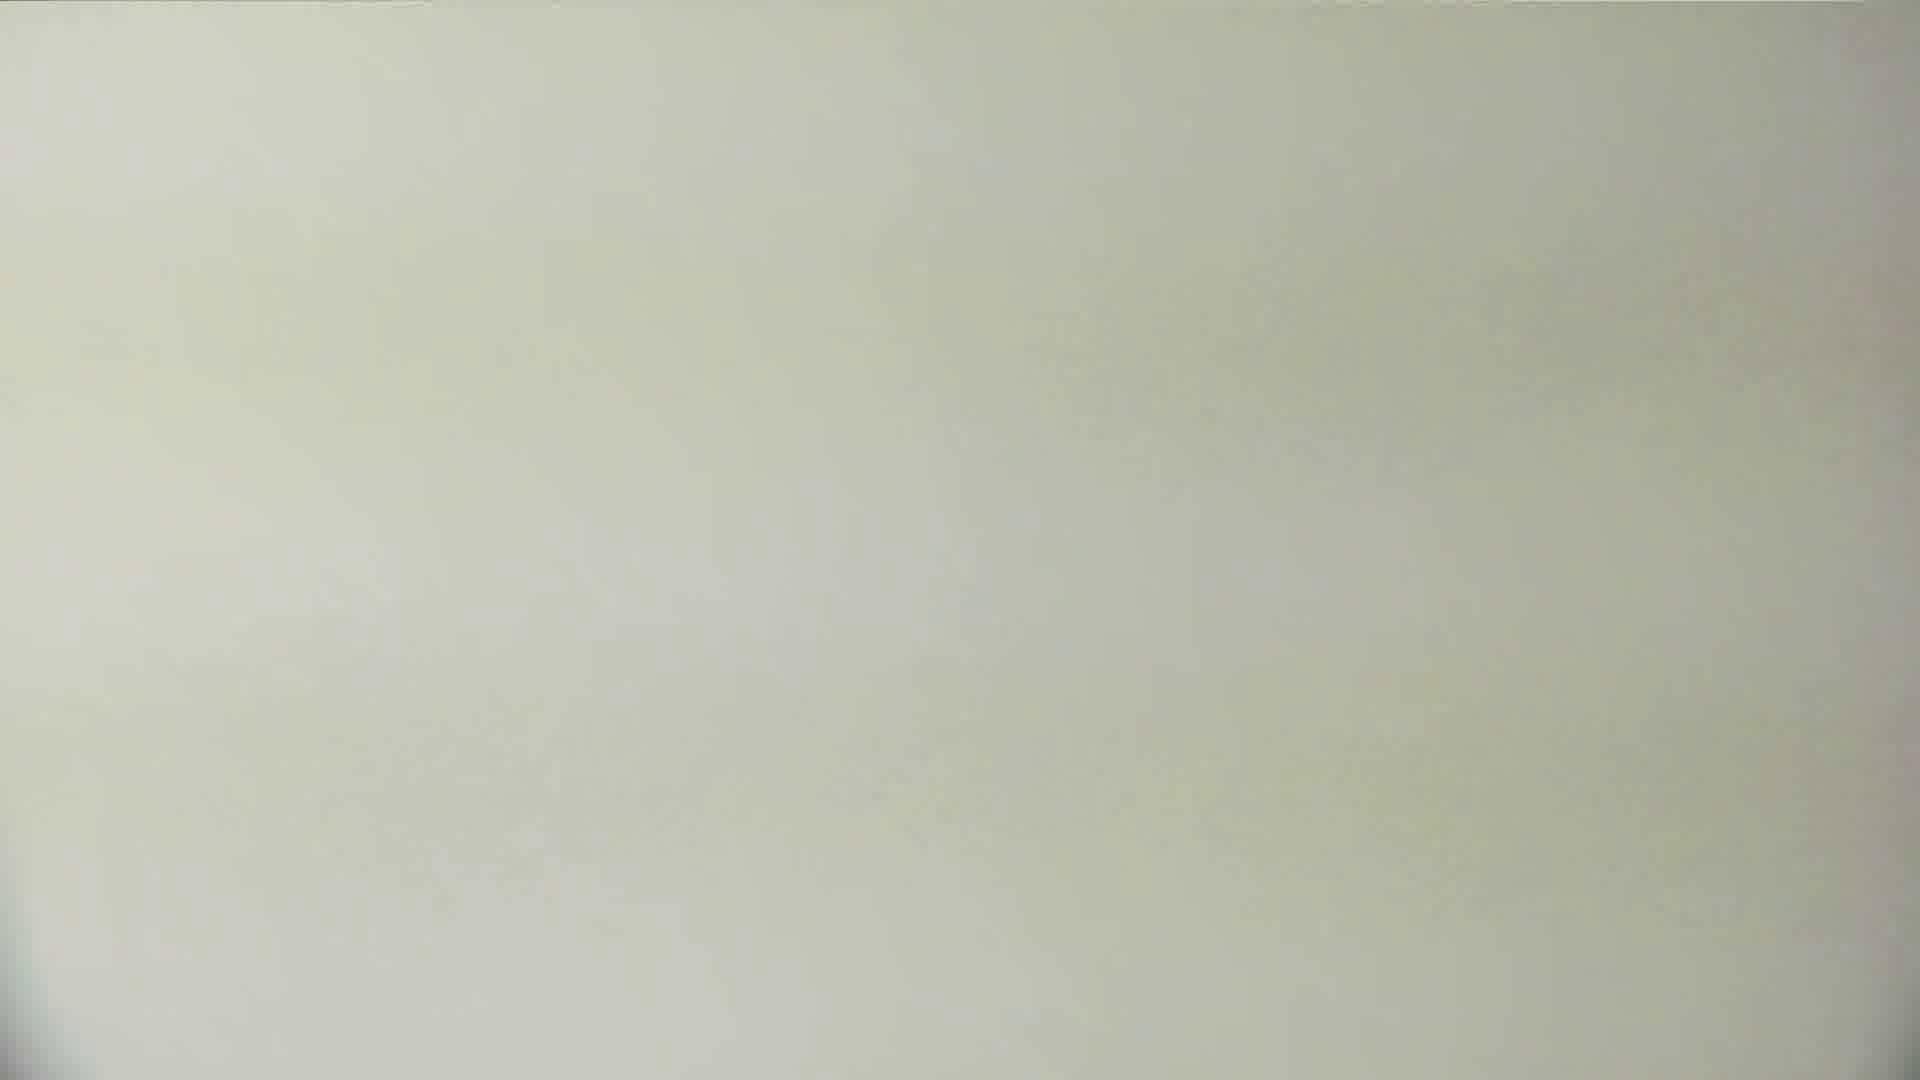 【美しき個室な世界】 vol.023 めんこい人たち 洗面所 | 色っぽいOL達  104pic 71